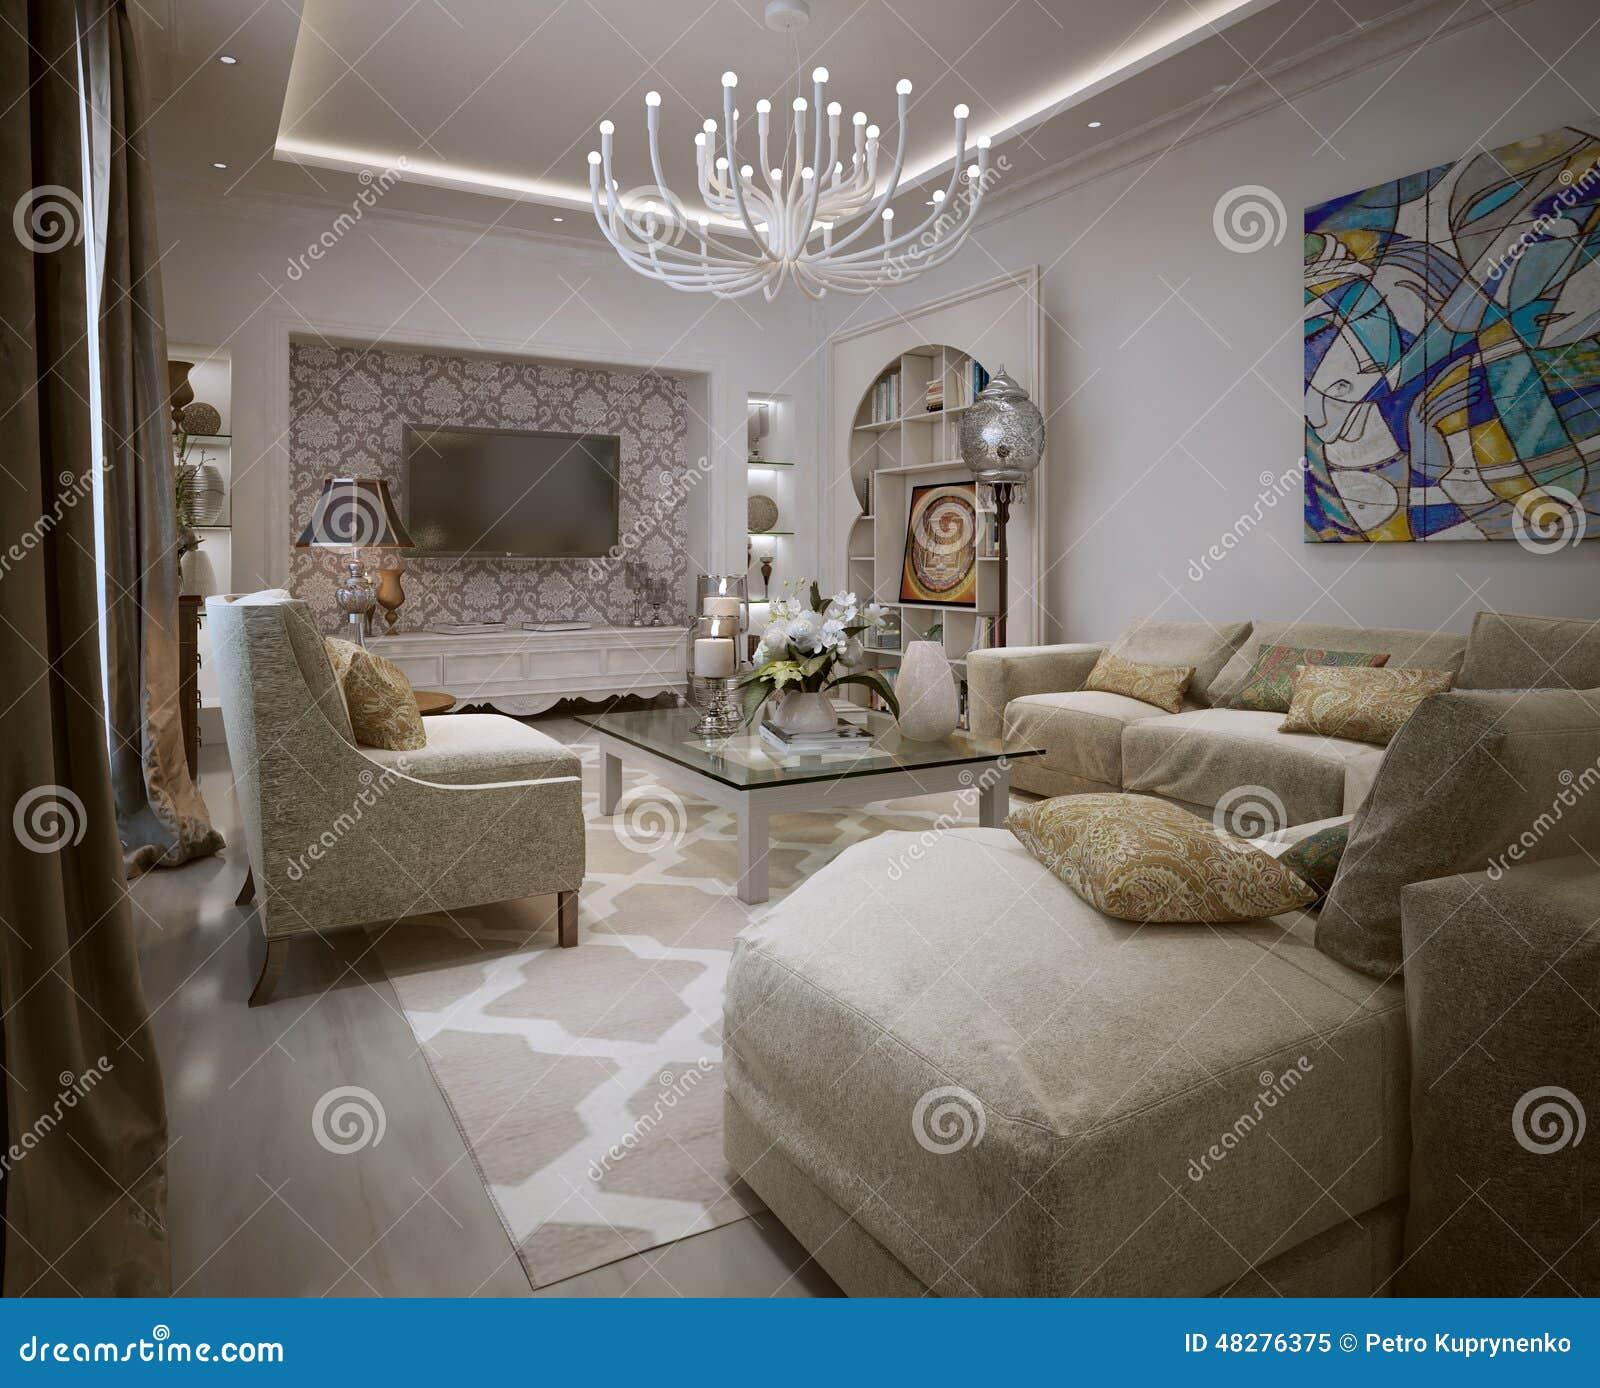 woonkamer arabische stijl stock illustratie - afbeelding: 48276427, Deco ideeën